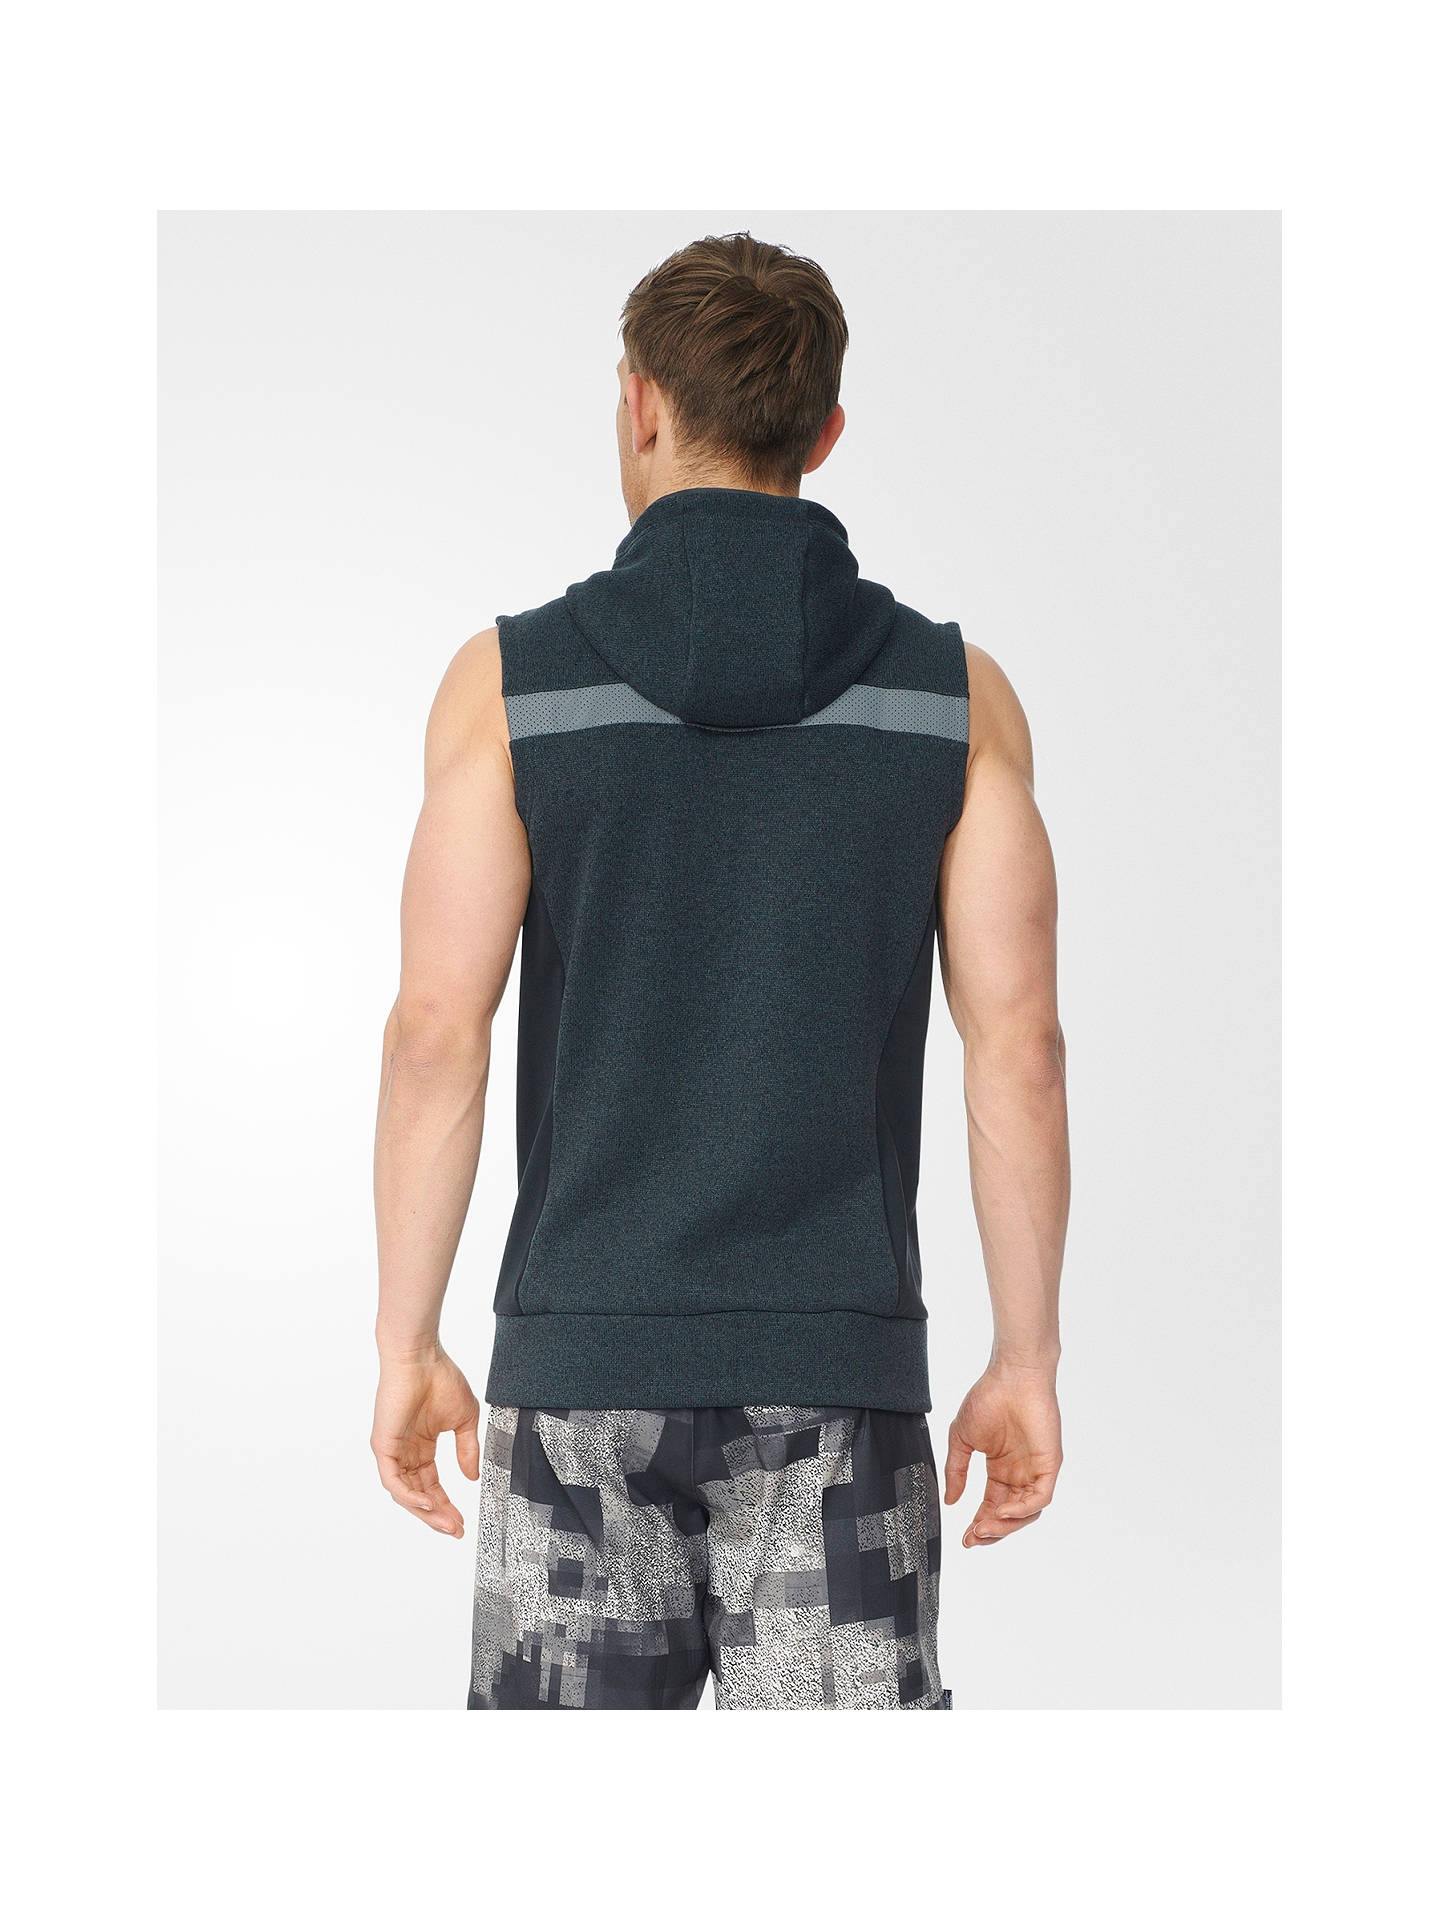 Adidas Ultra Energy Fleece Running Vest, BlackGrey at John